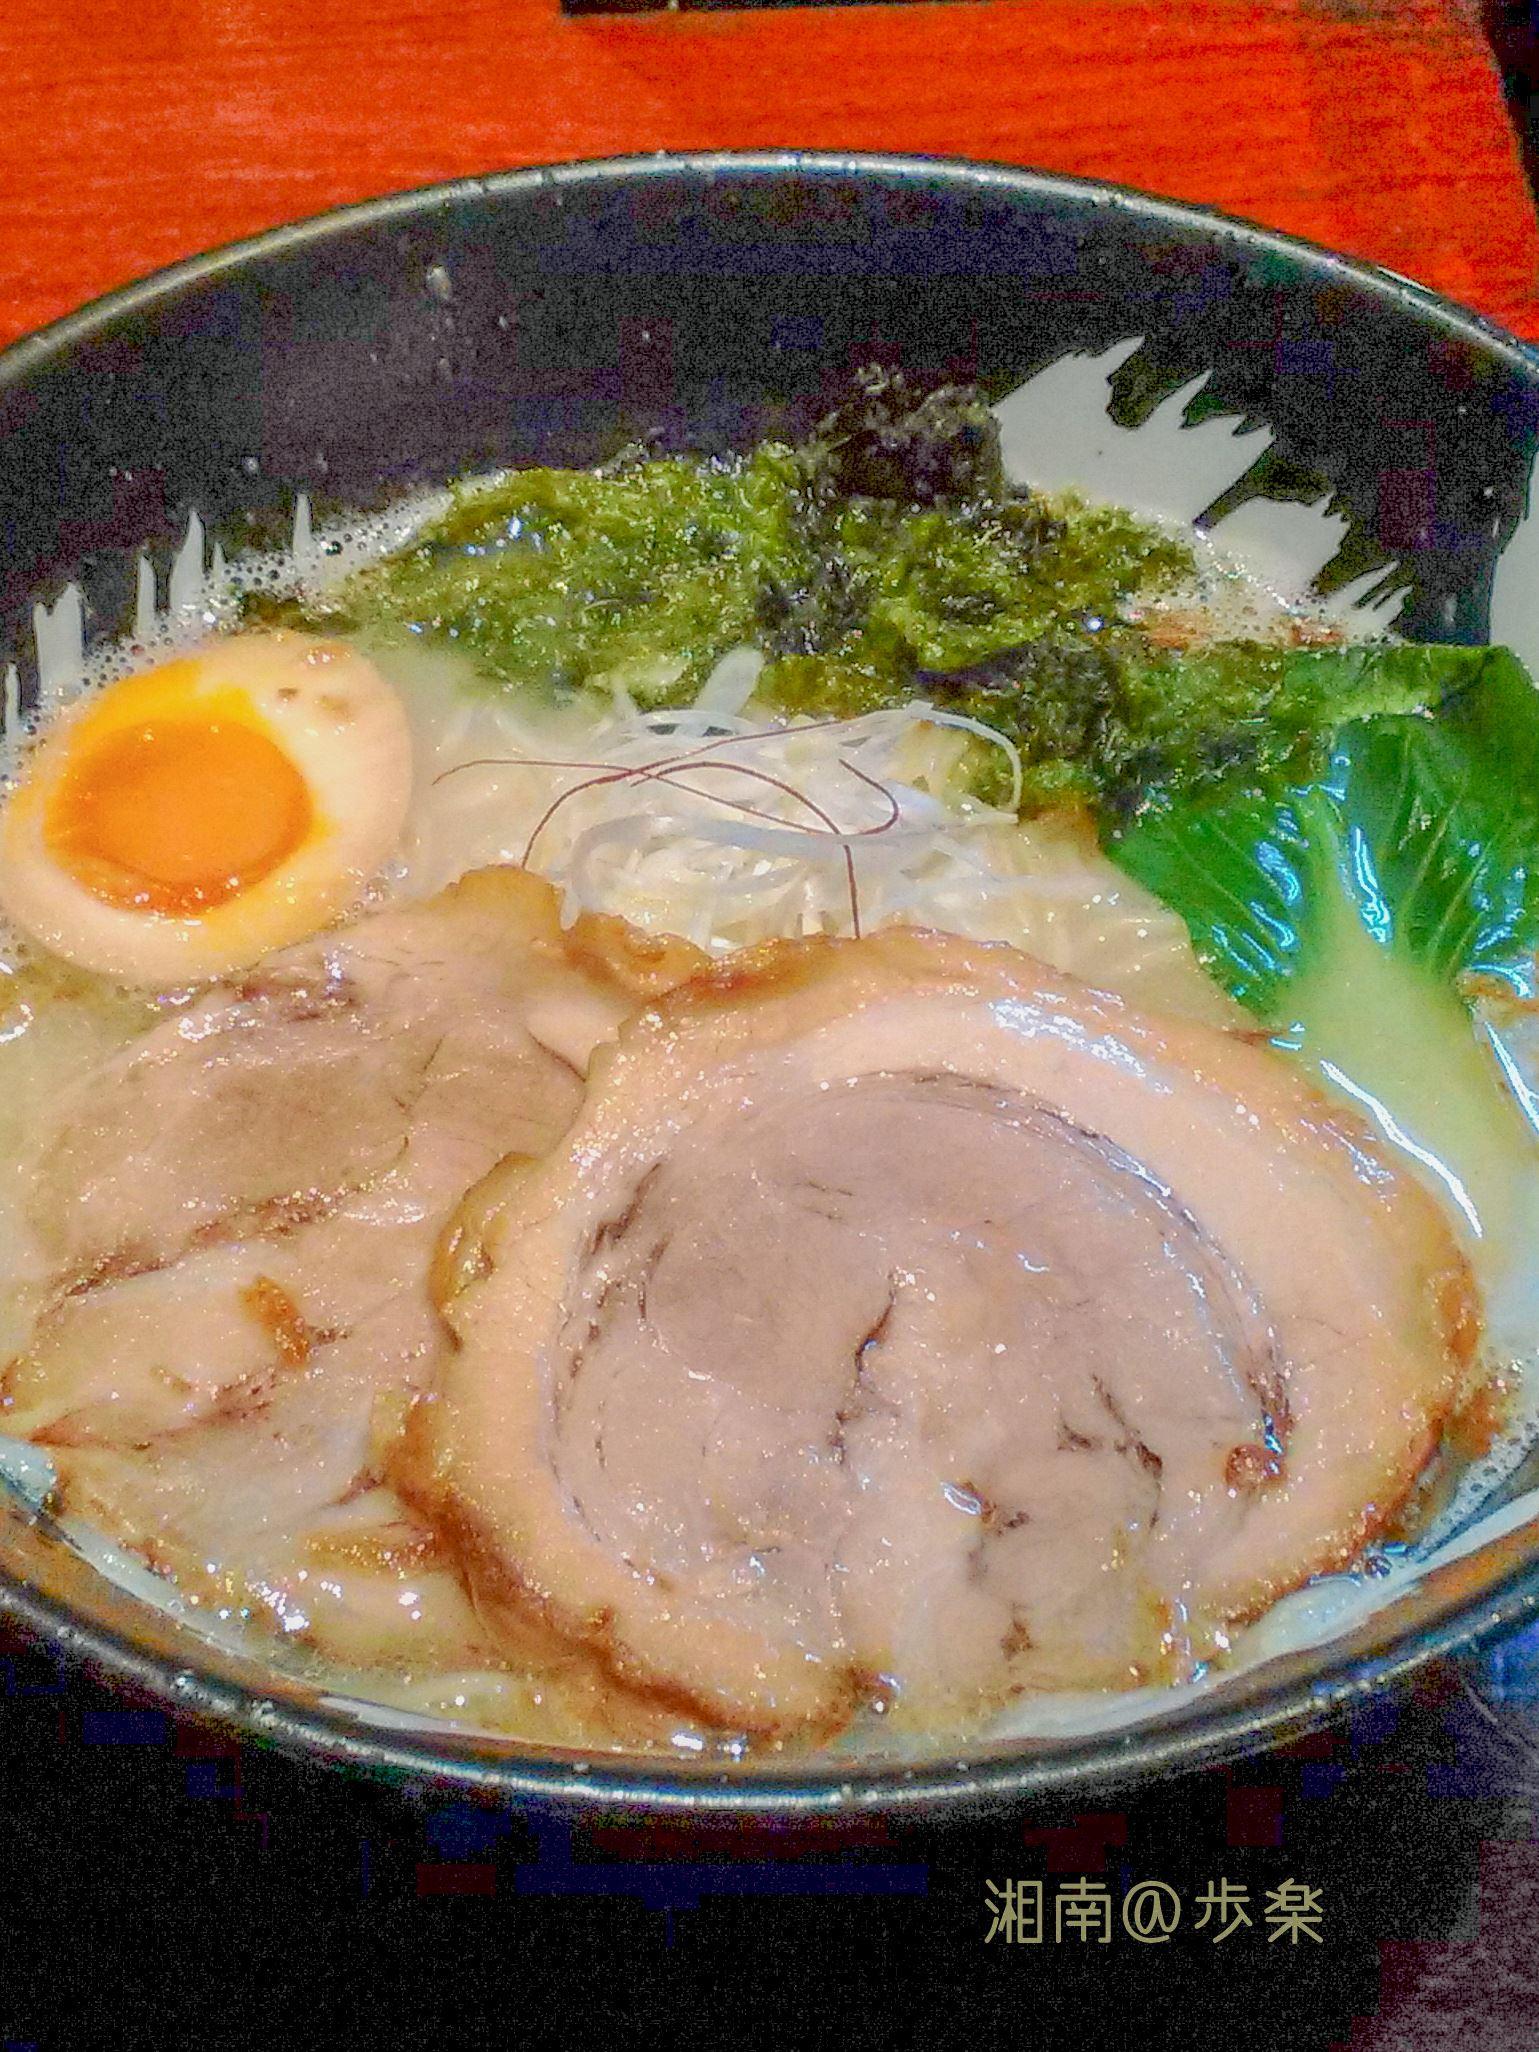 乳濁した鶏スープは、濃度 旨味 コクのバランスが良い